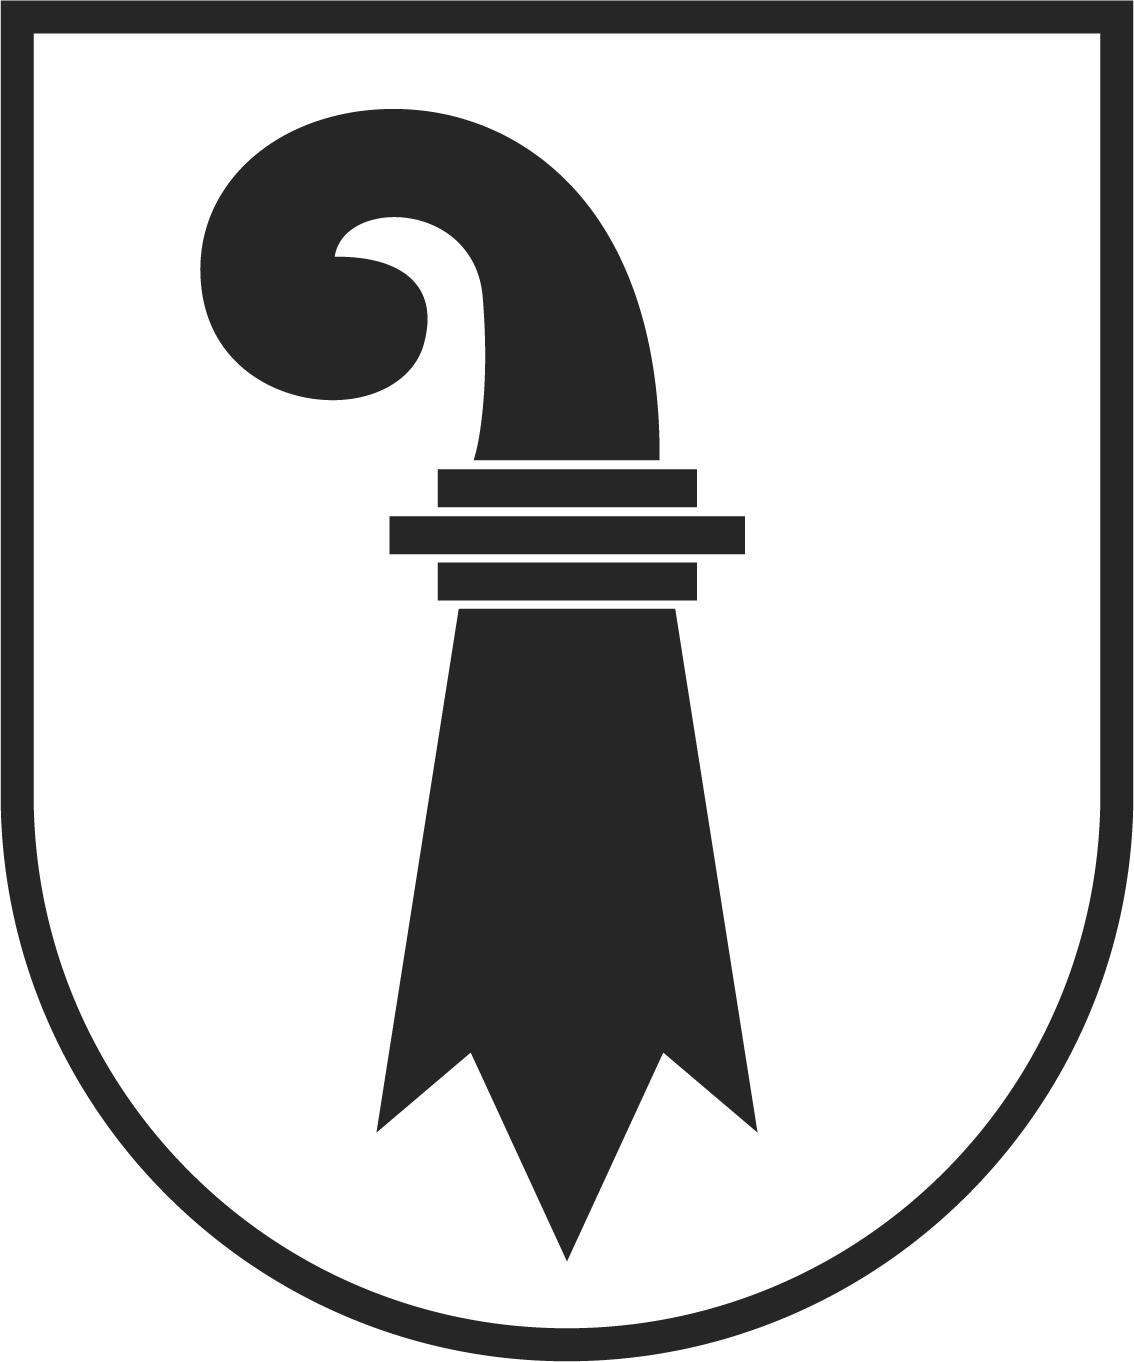 Wappen des Kantons Basel-Stadt